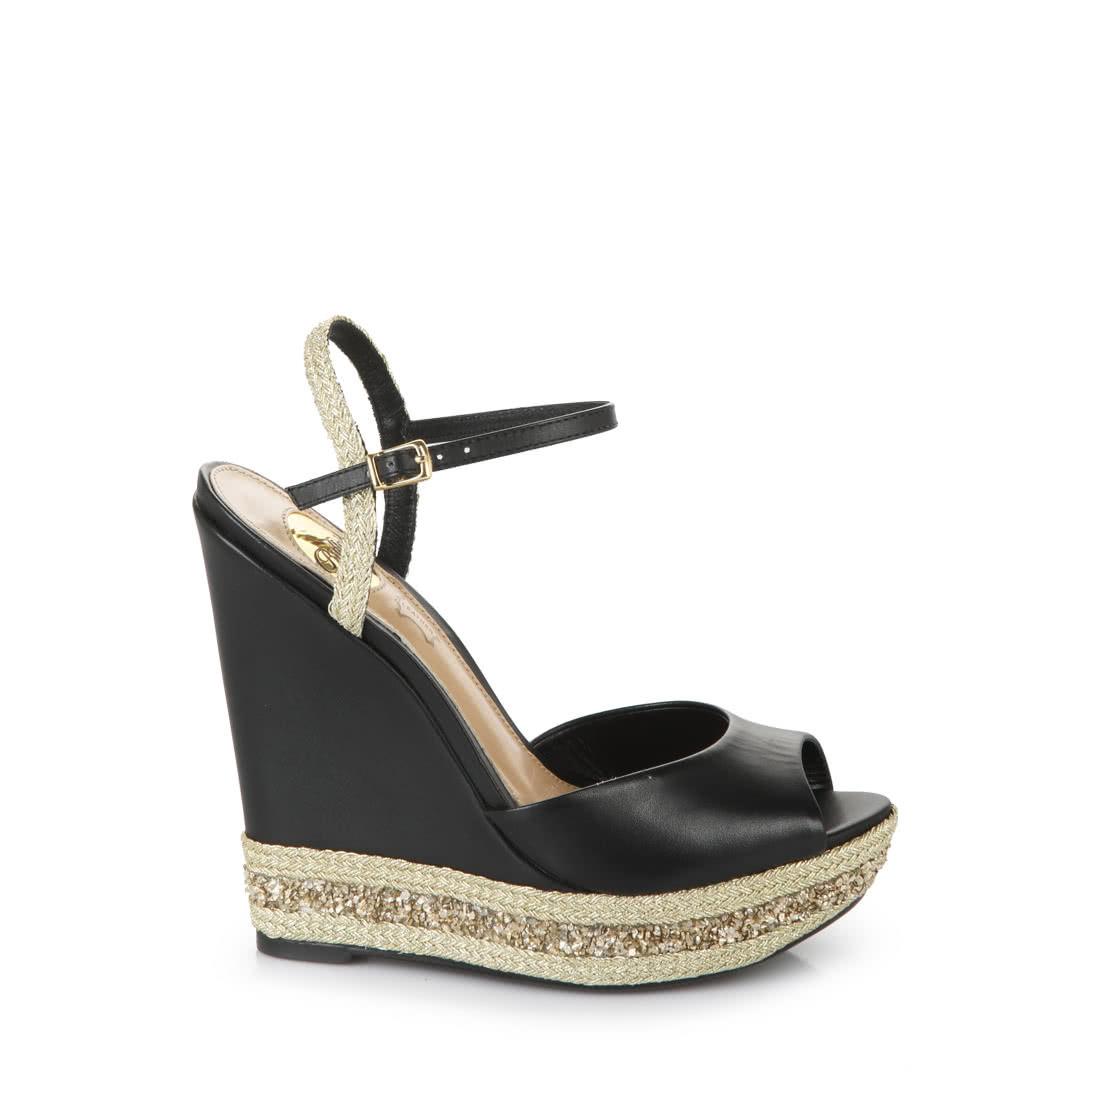 fff93827a57 Buffalo wedge sandals in black buy online in BUFFALO Online-Shop ...